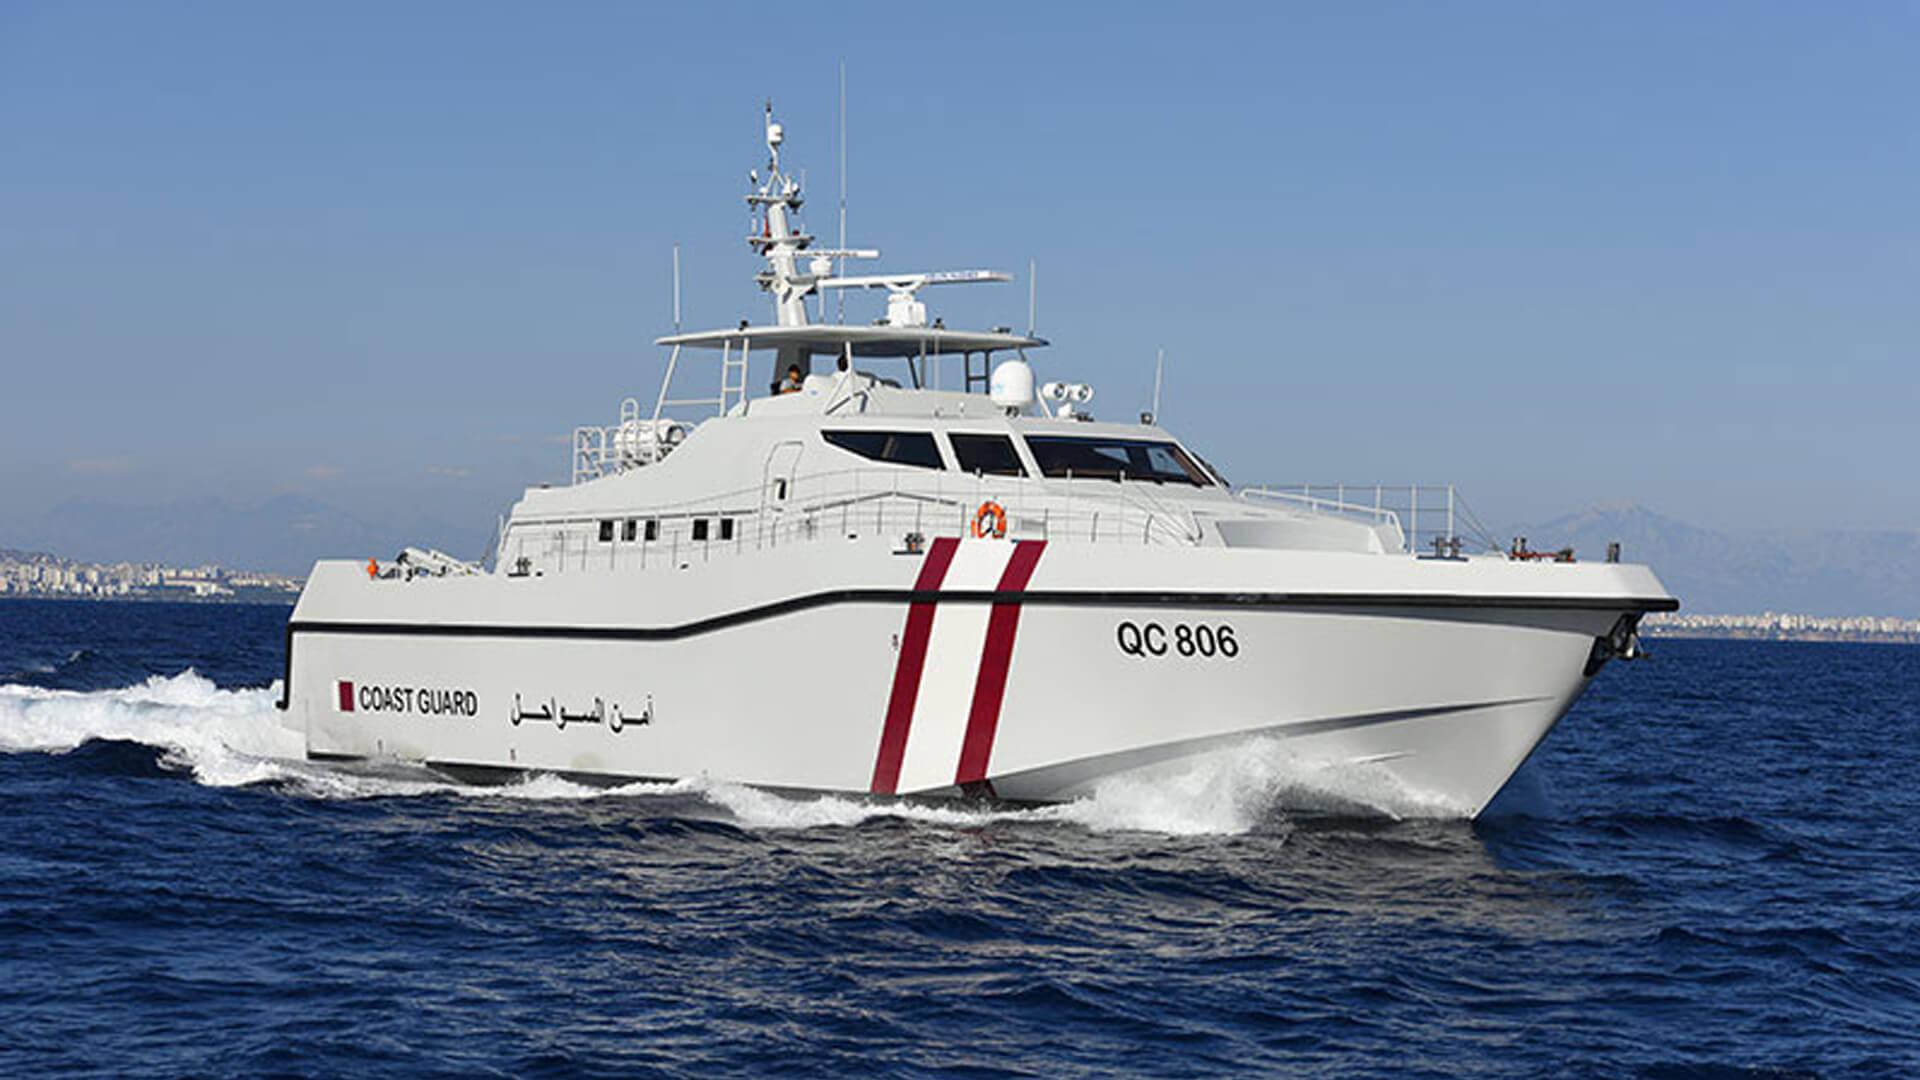 images/vessels/01-patrol-craft/02-series-hercules/05-ares-110-hercules/01.jpg